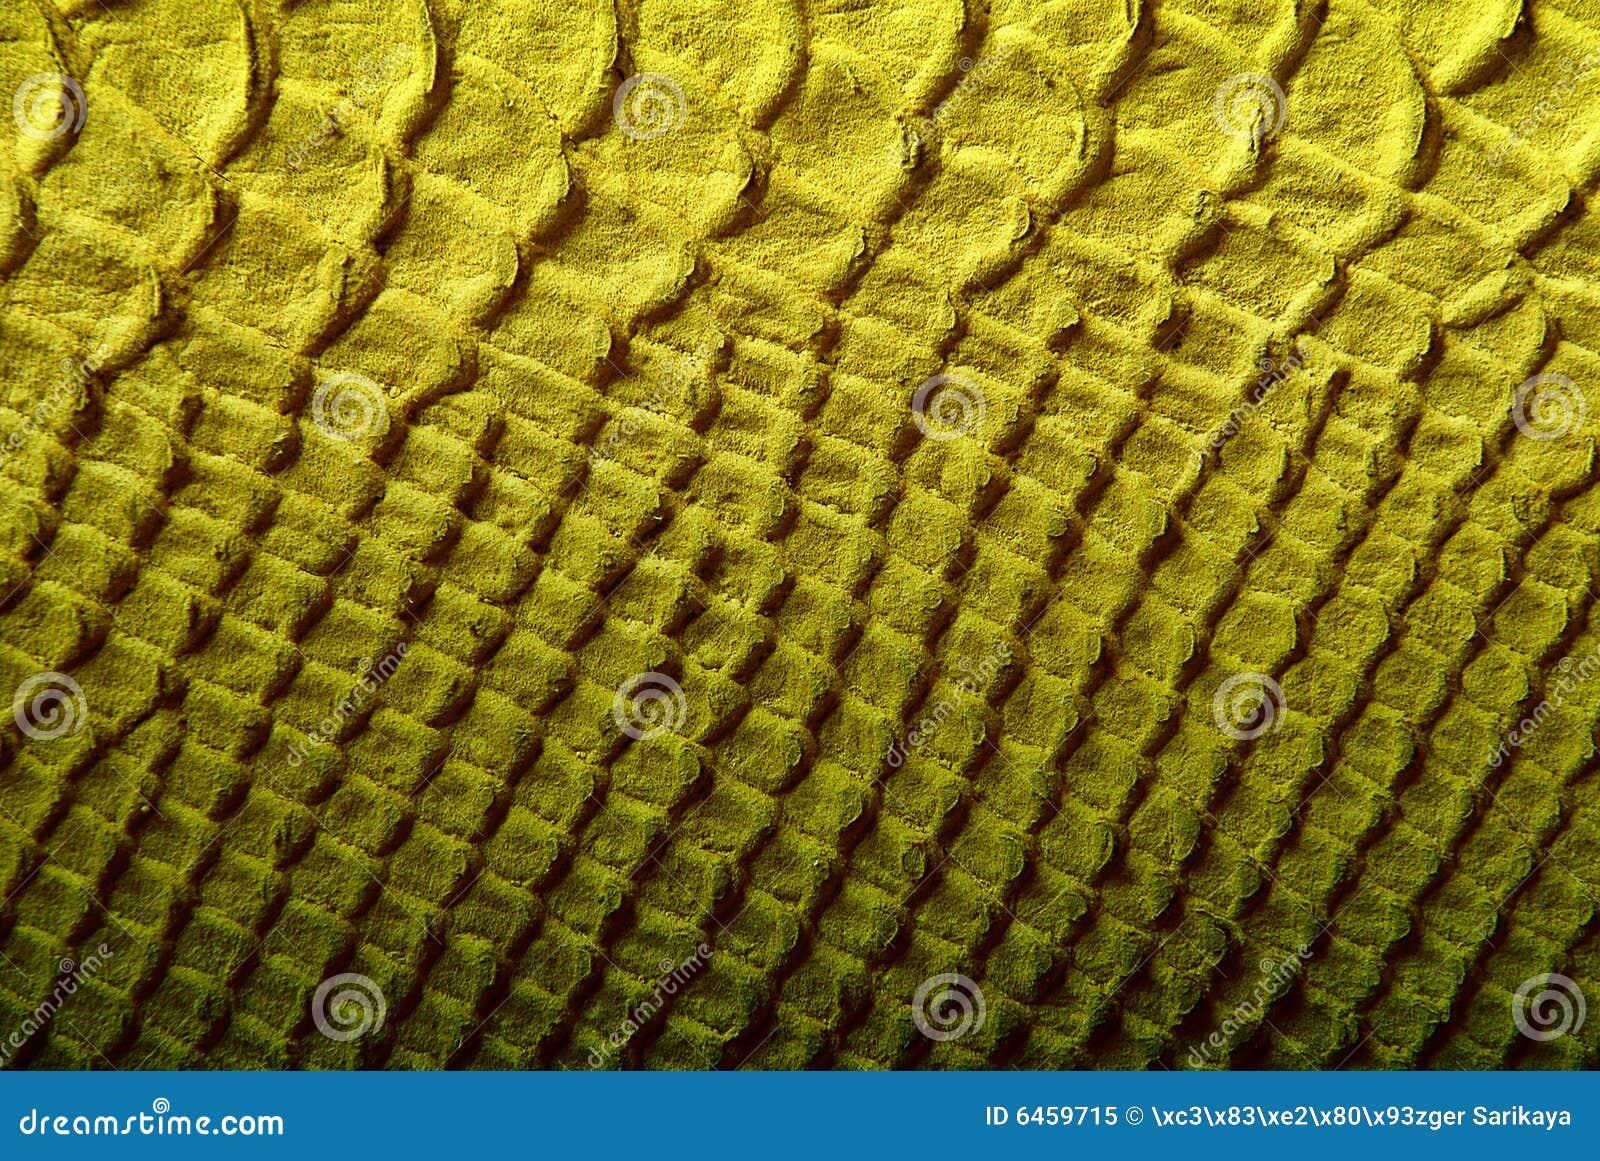 Struktura skórzanej żółty